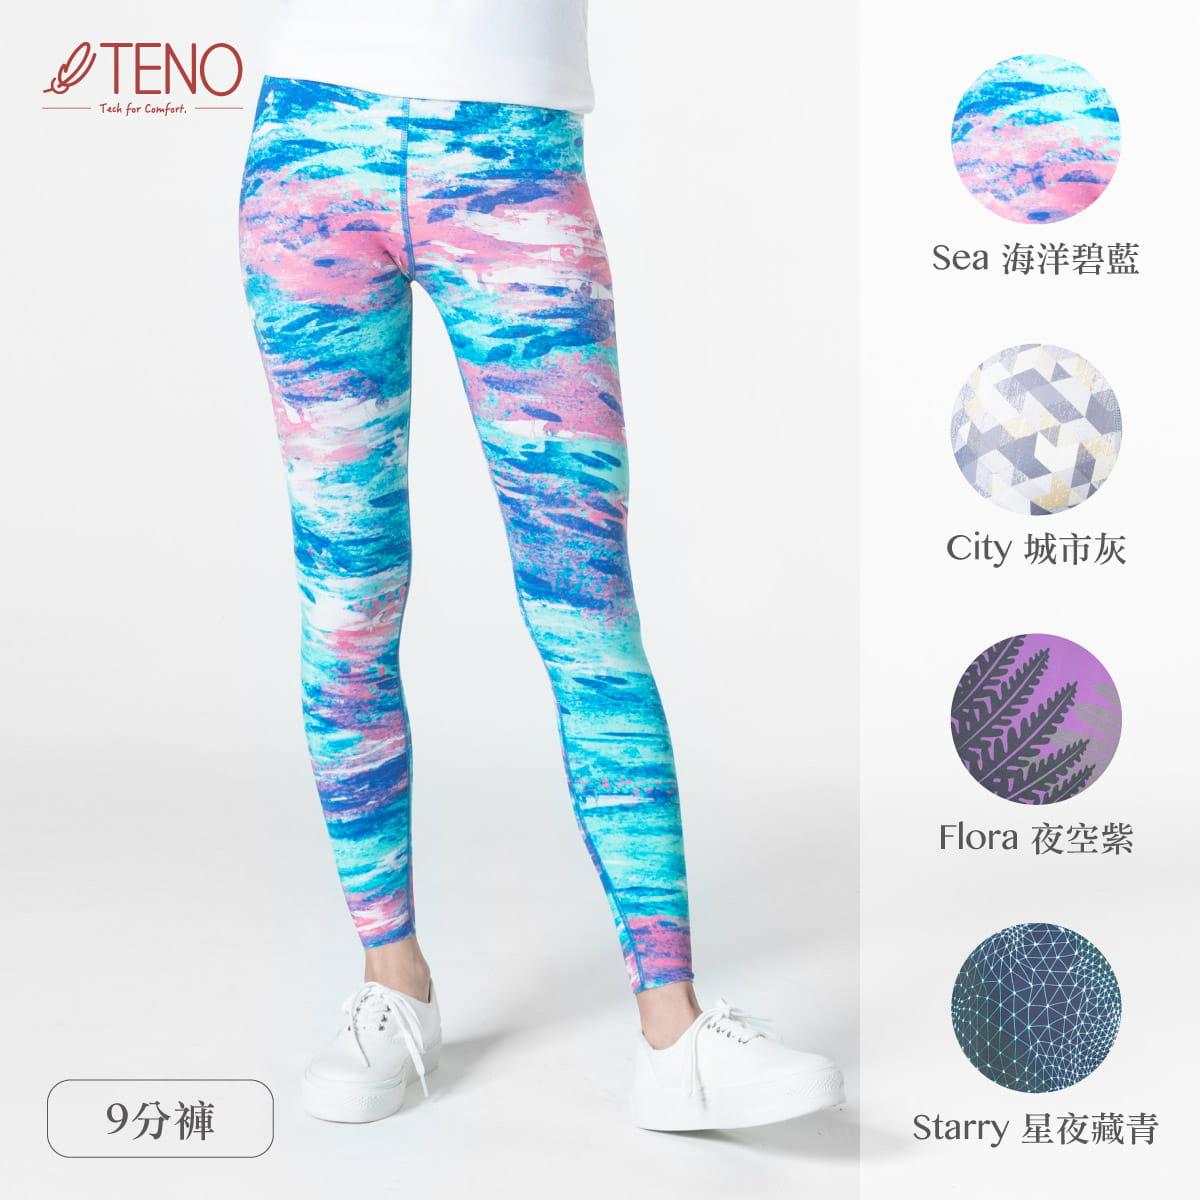 TENO超輕量運動休閒花花褲-設計師經典款 0